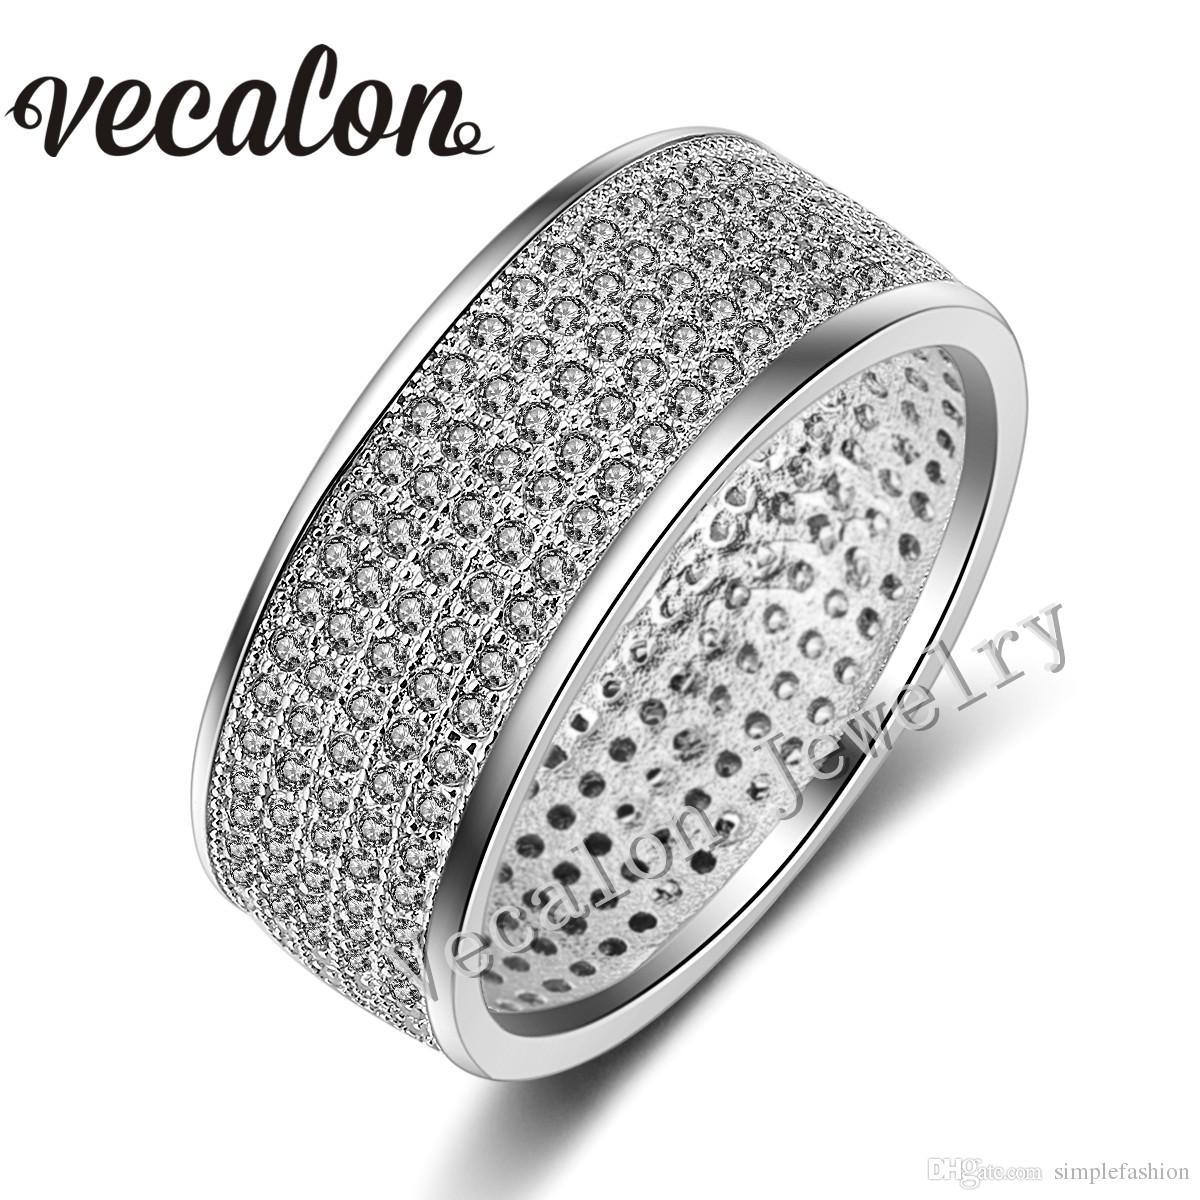 Vecalon 전체 250 PC 시뮬레이션 된 다이아몬드 Cz 웨딩 밴드 반지 여성 10KT 화이트 골드 채워진 여성 약혼 밴드 Sz 5-11